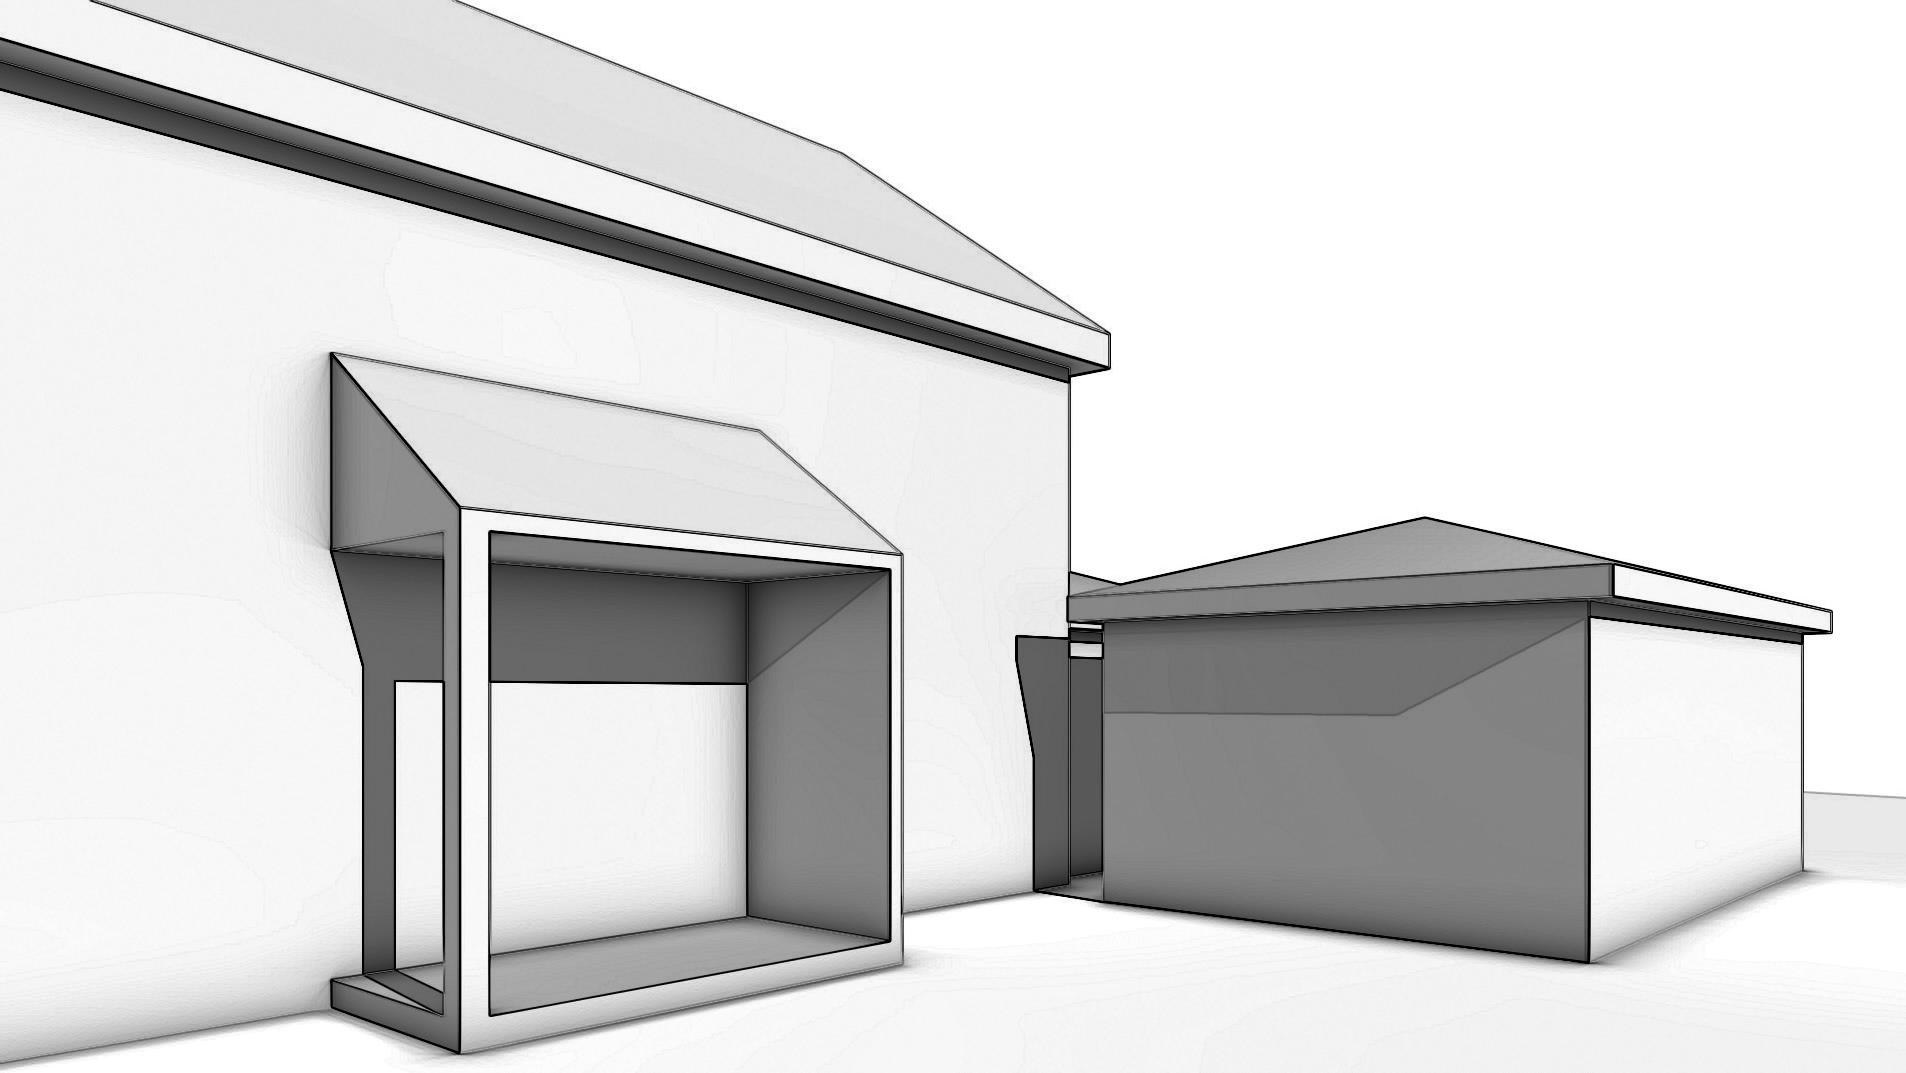 Roofline1-c.jpg